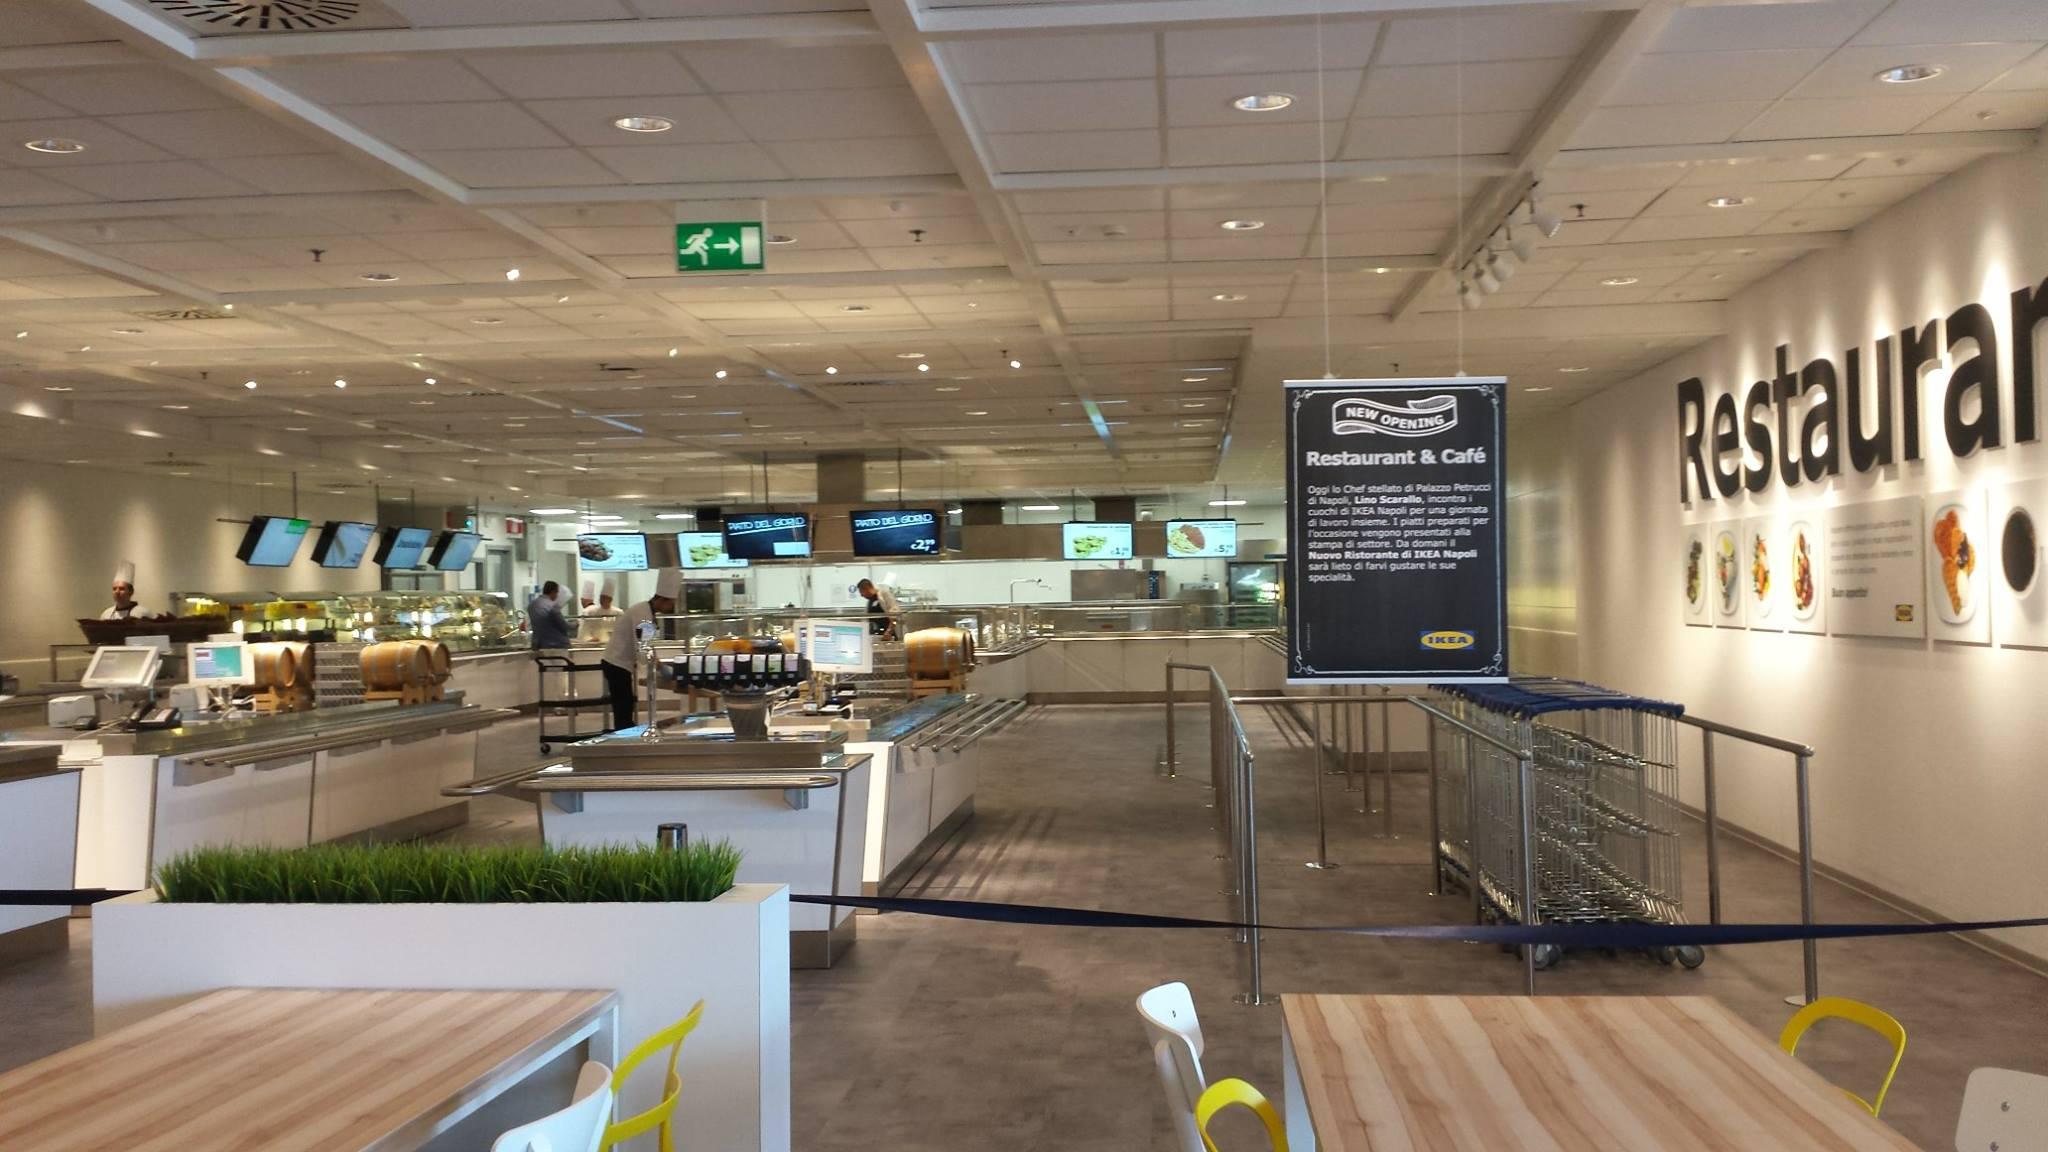 Ikea ha inaugurato oggi a napoli un nuovo ristorante - Ikea piatti cucina ...